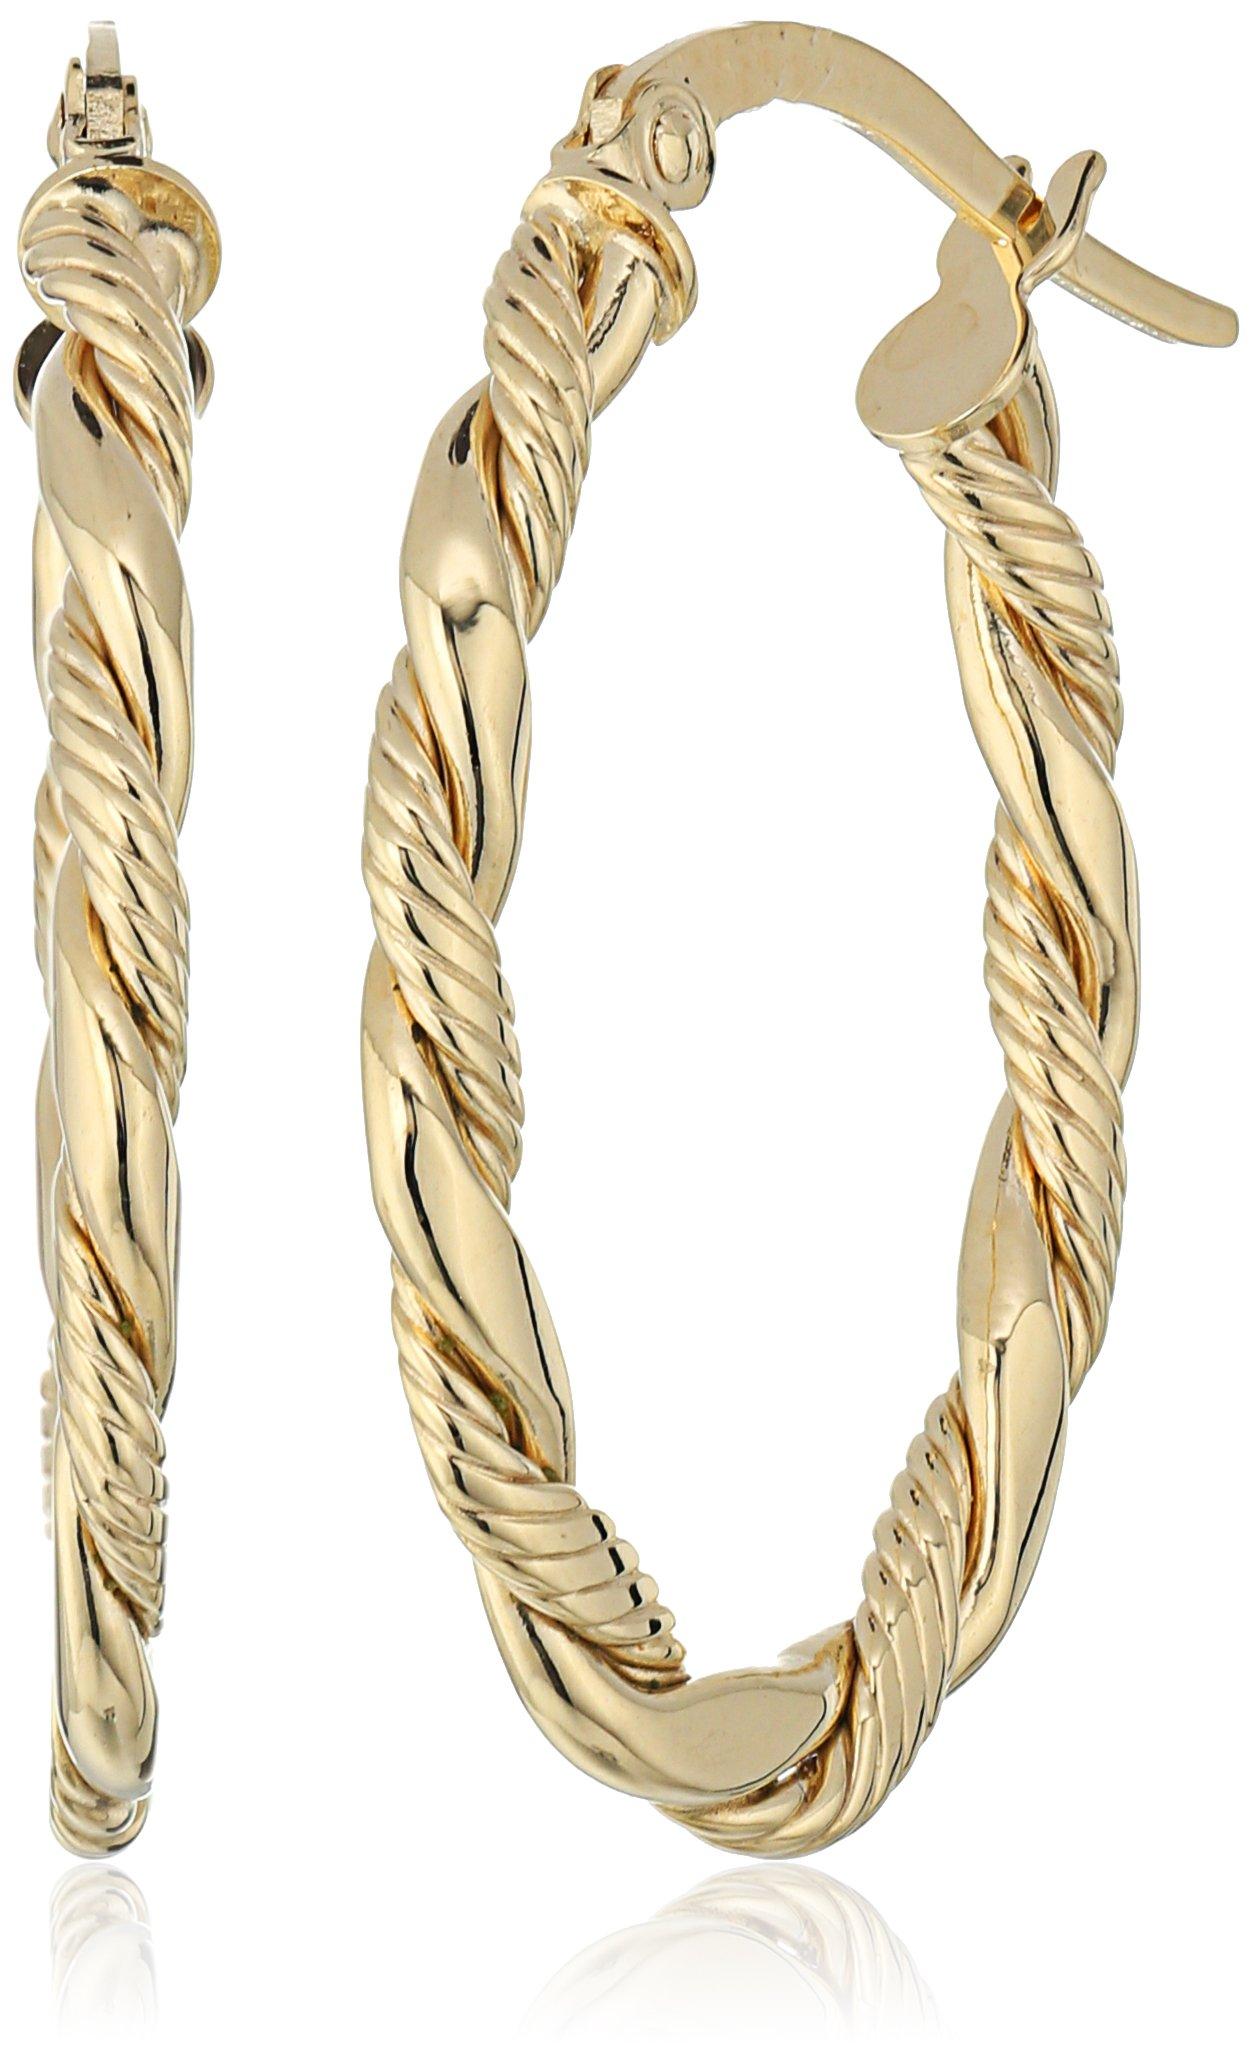 14k Yellow Gold Italian Oval Twisted Hoop Earrings